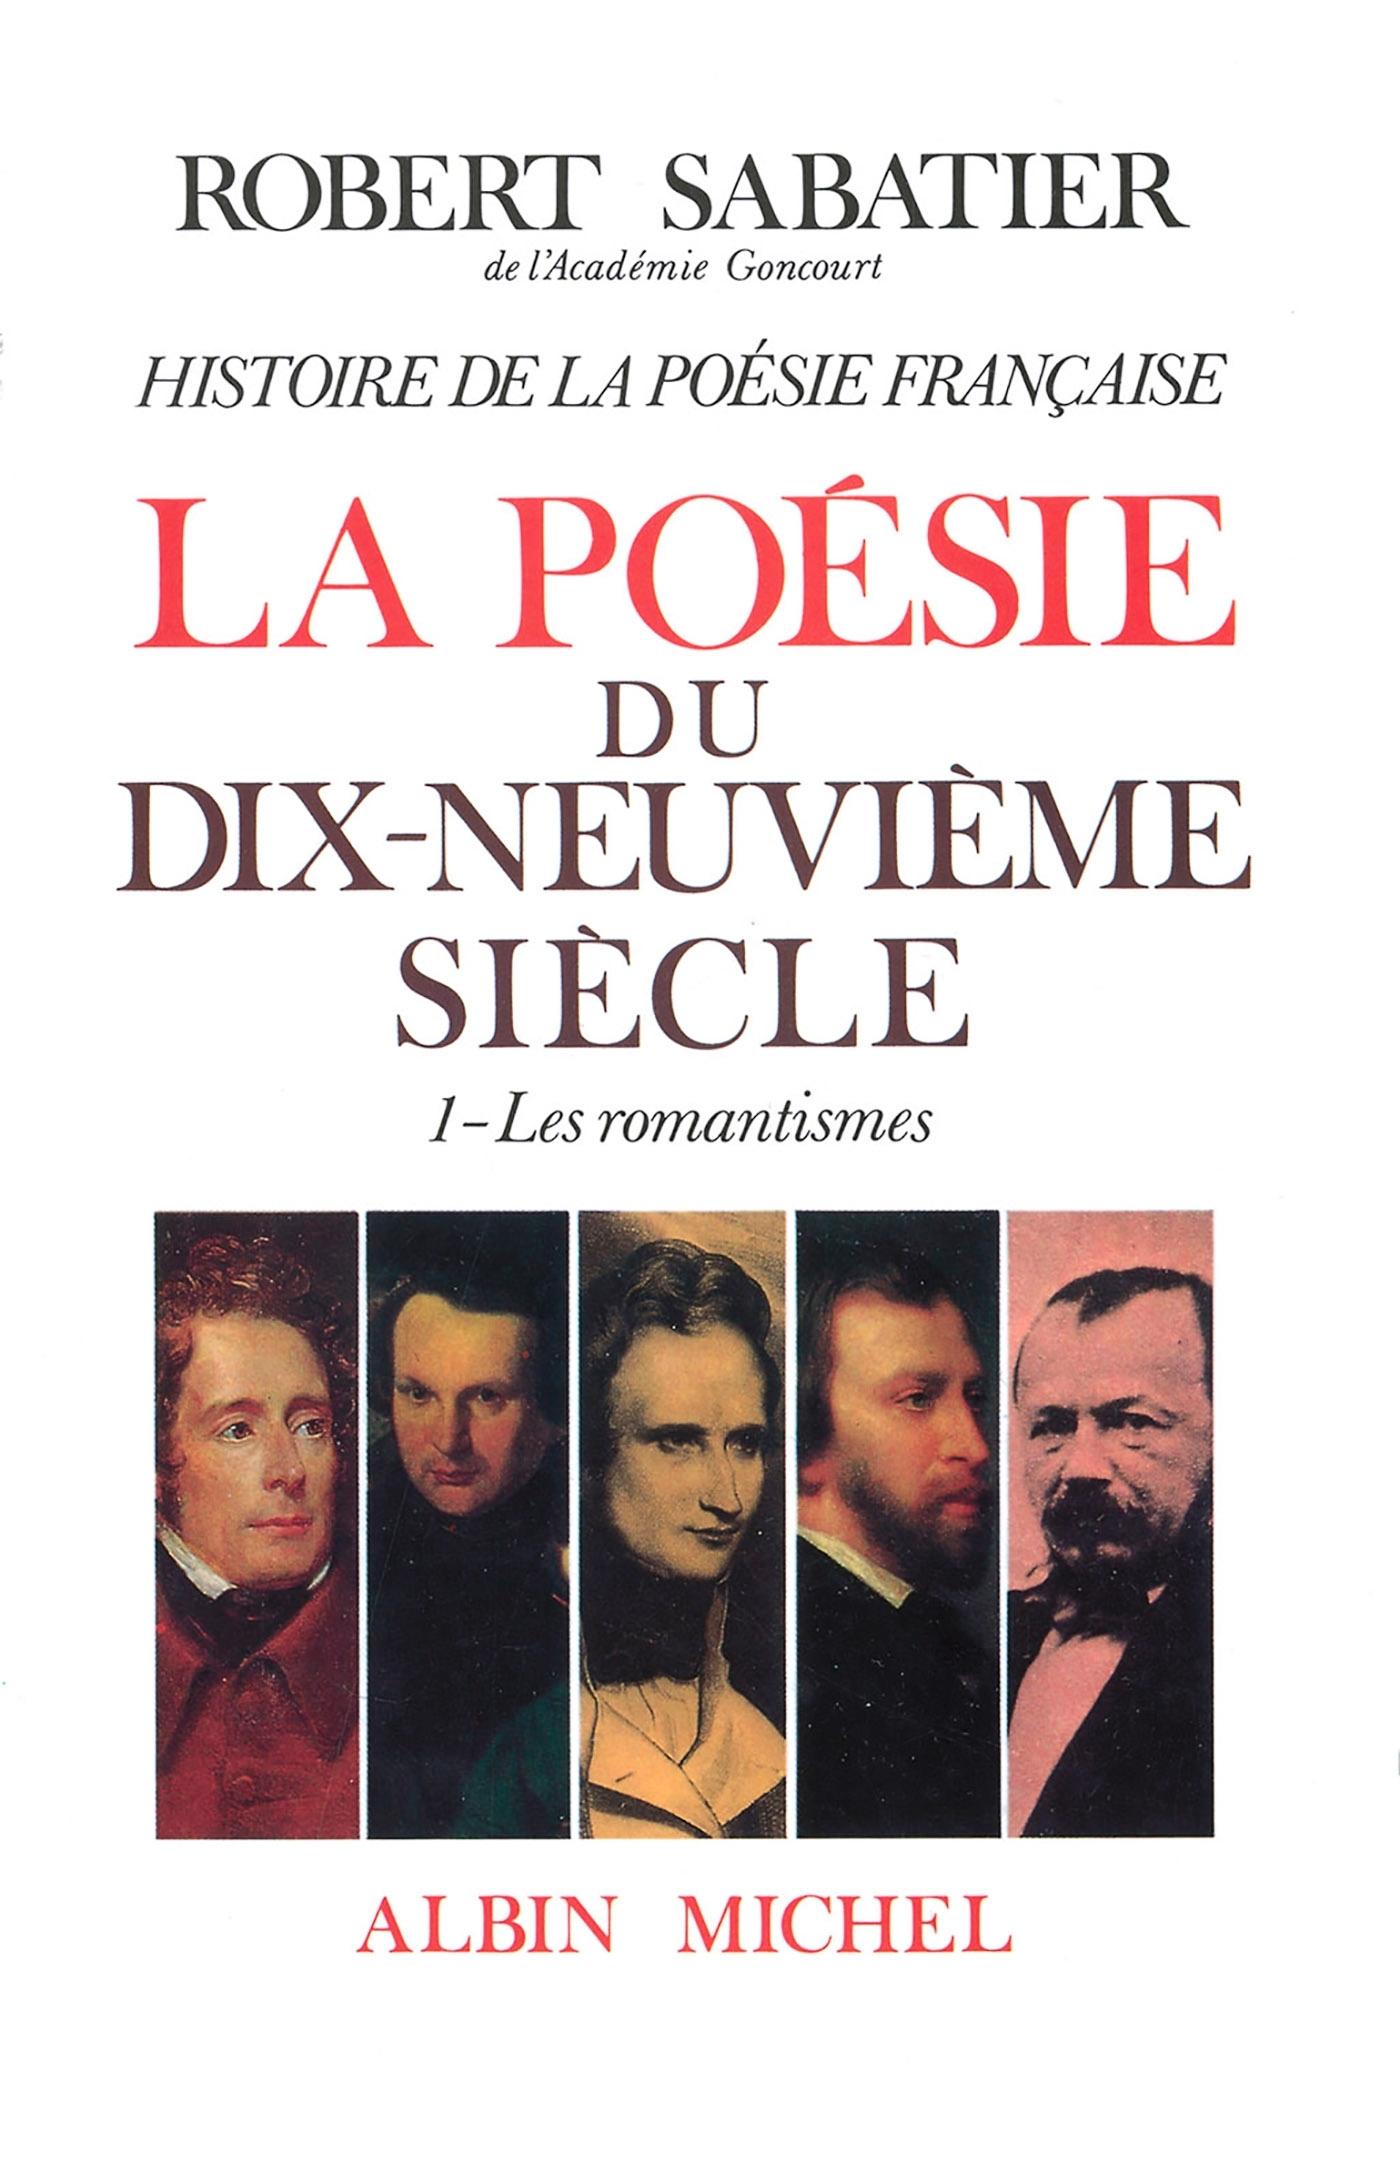 HISTOIRE DE LA POESIE FRANCAISE - POESIE DU XIXE SIECLE - TOME 1 - LES ROMANTISMES